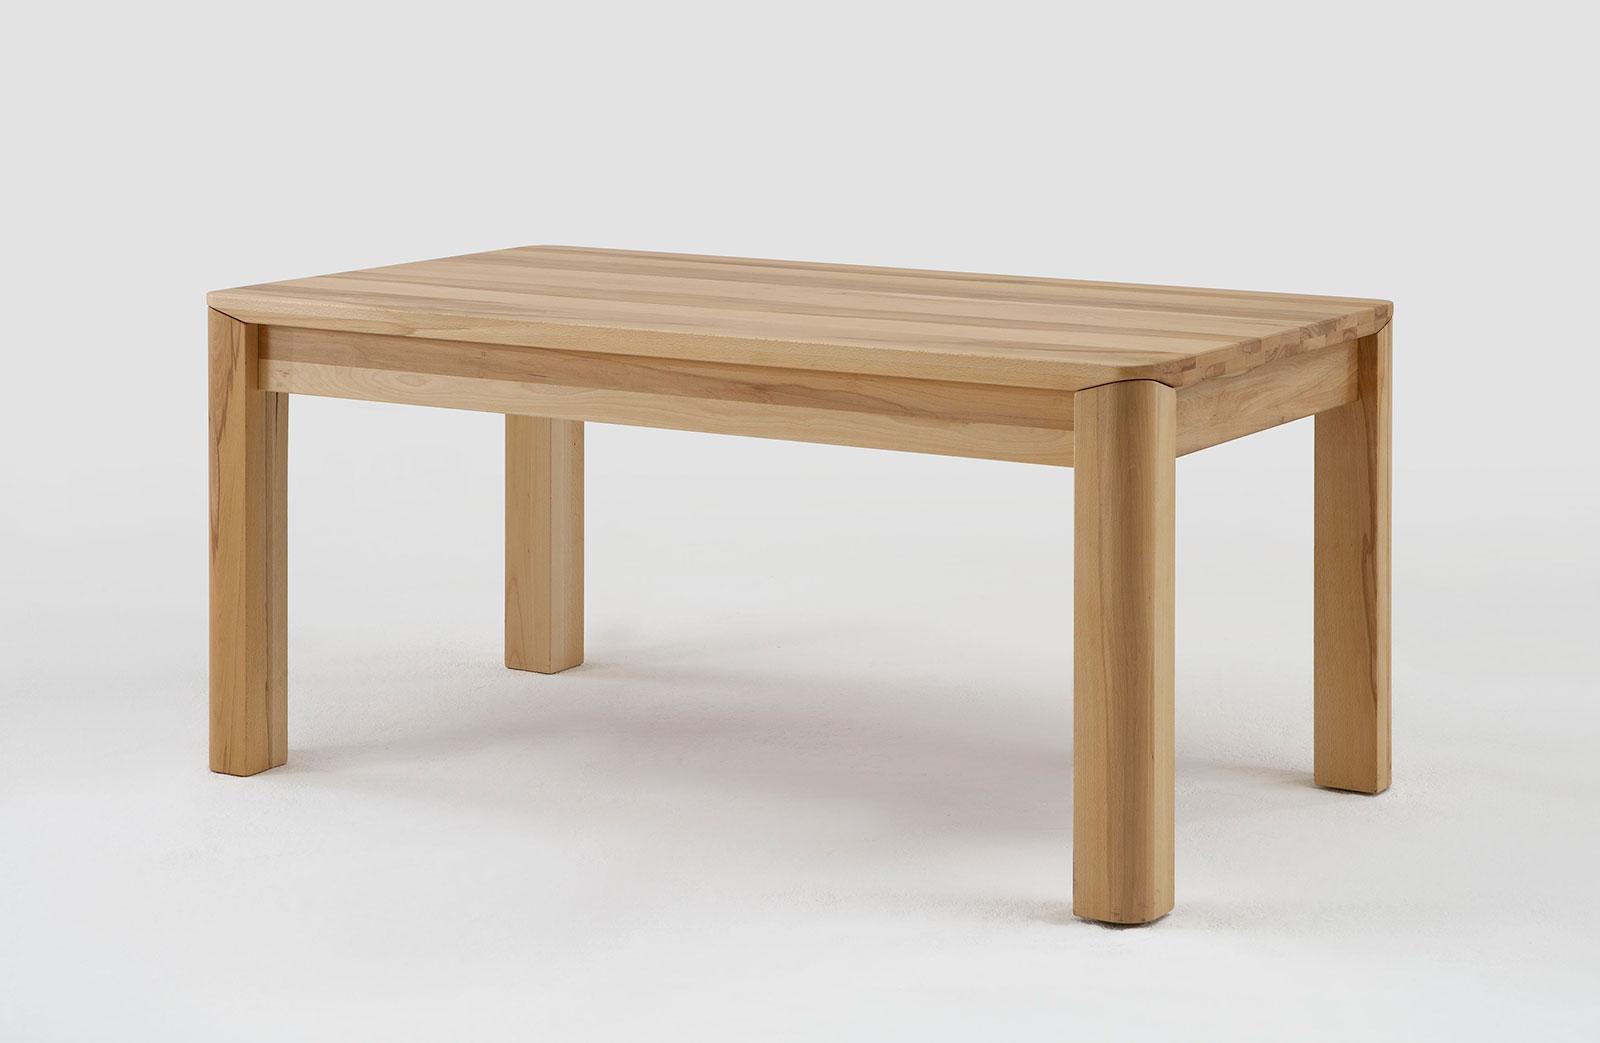 breite 180 cm buche massiv esstische fun m bel. Black Bedroom Furniture Sets. Home Design Ideas